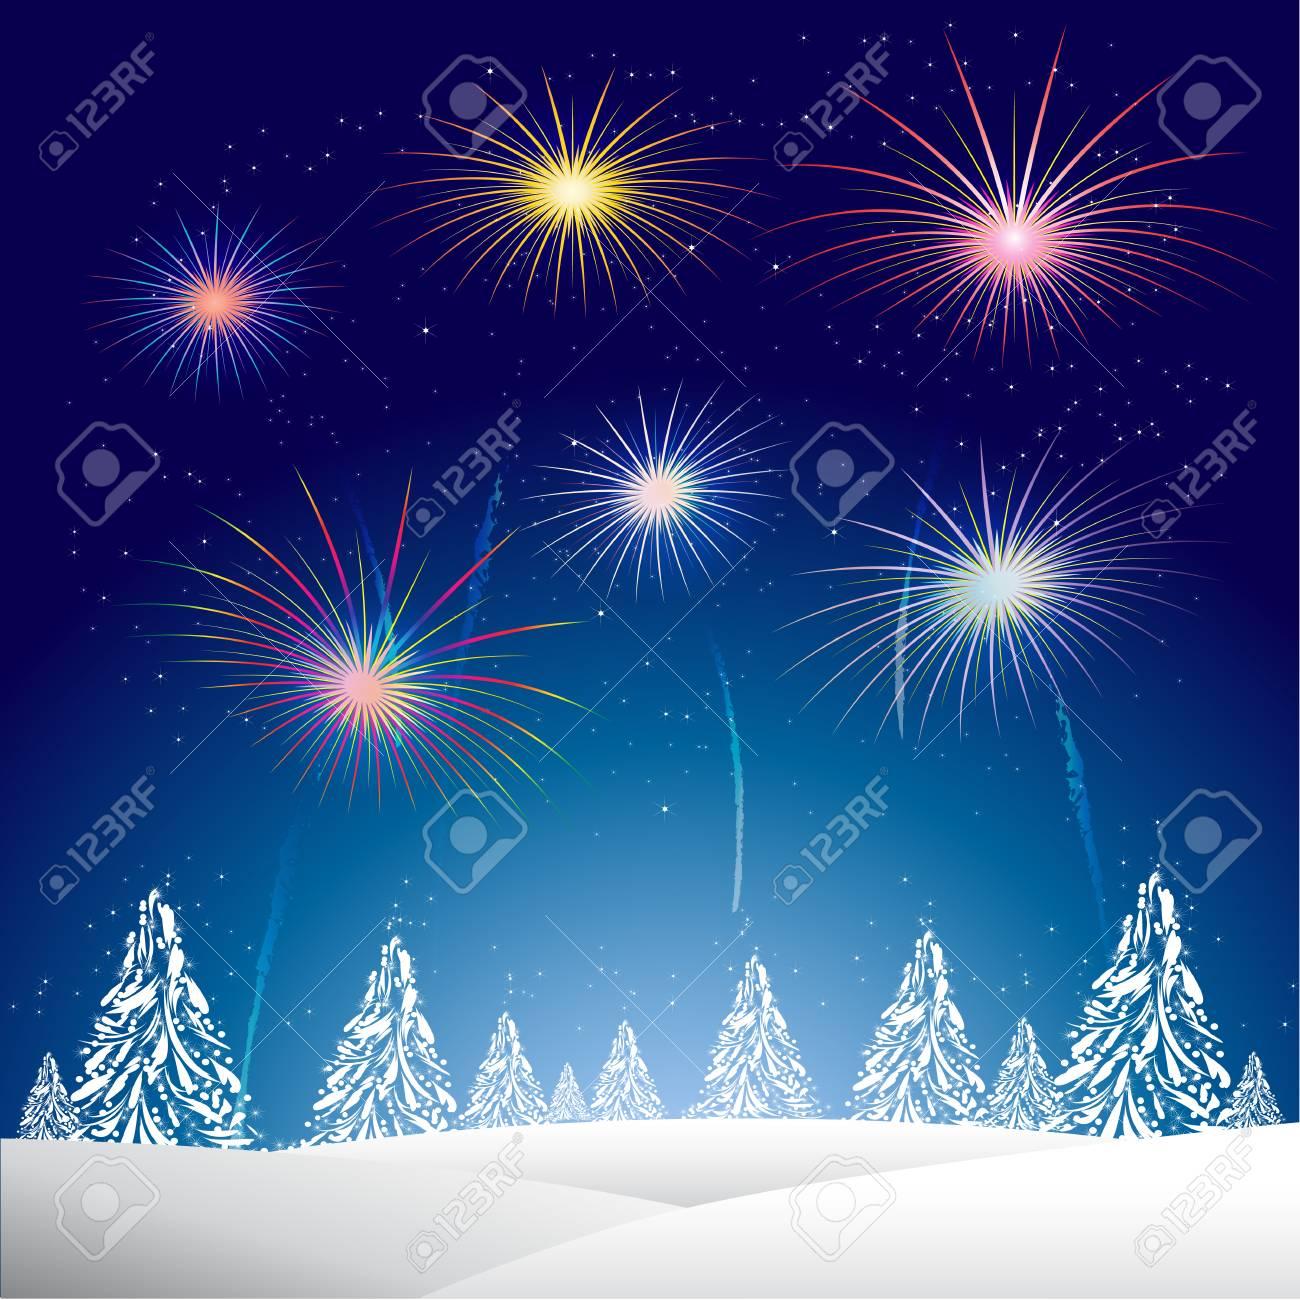 La Noche De Navidad Con Un Fondo Del Arbol De Navidad Y Fuegos